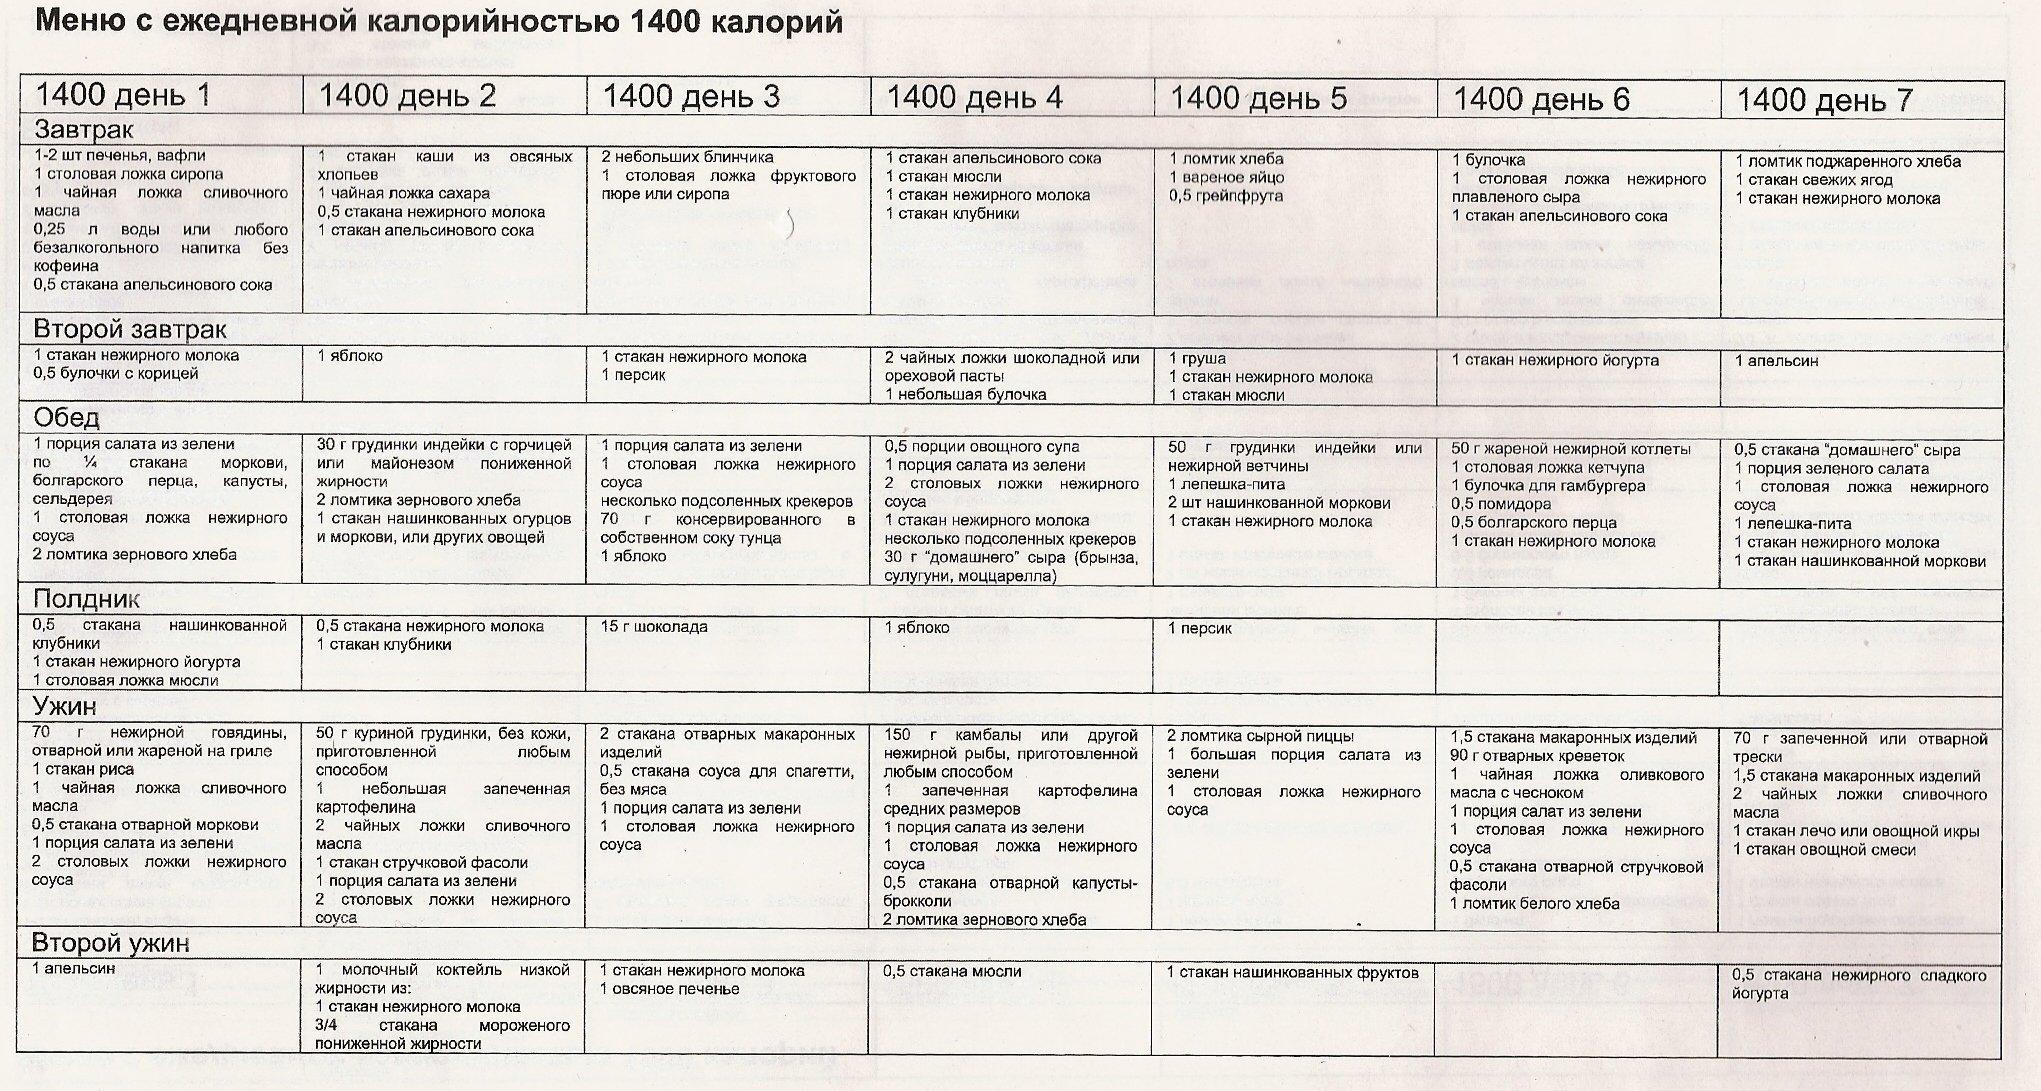 Примерное Меню Диеты Борменталя. Диета доктора Борменталя для похудения: меню на неделю, на 14 дней, на месяц и на каждый день